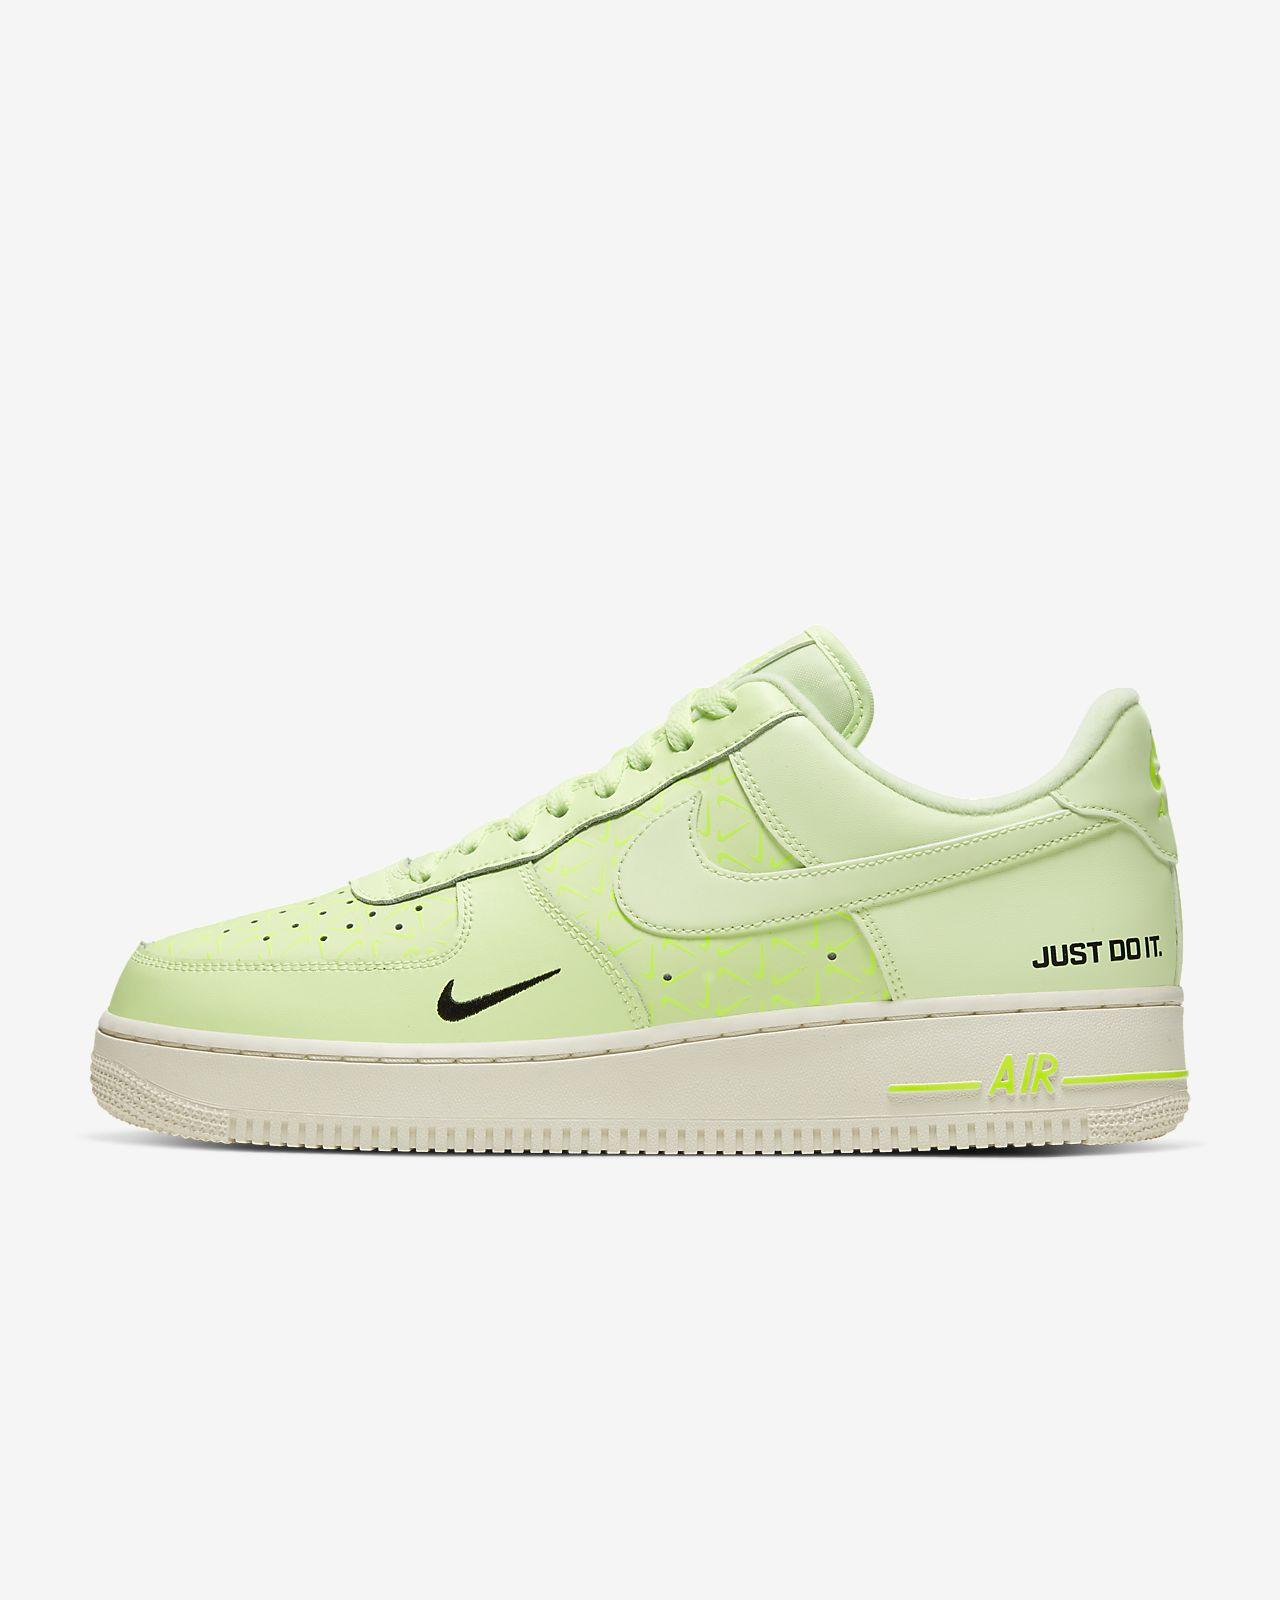 Sko Nike Air Force 1 LV8 för män